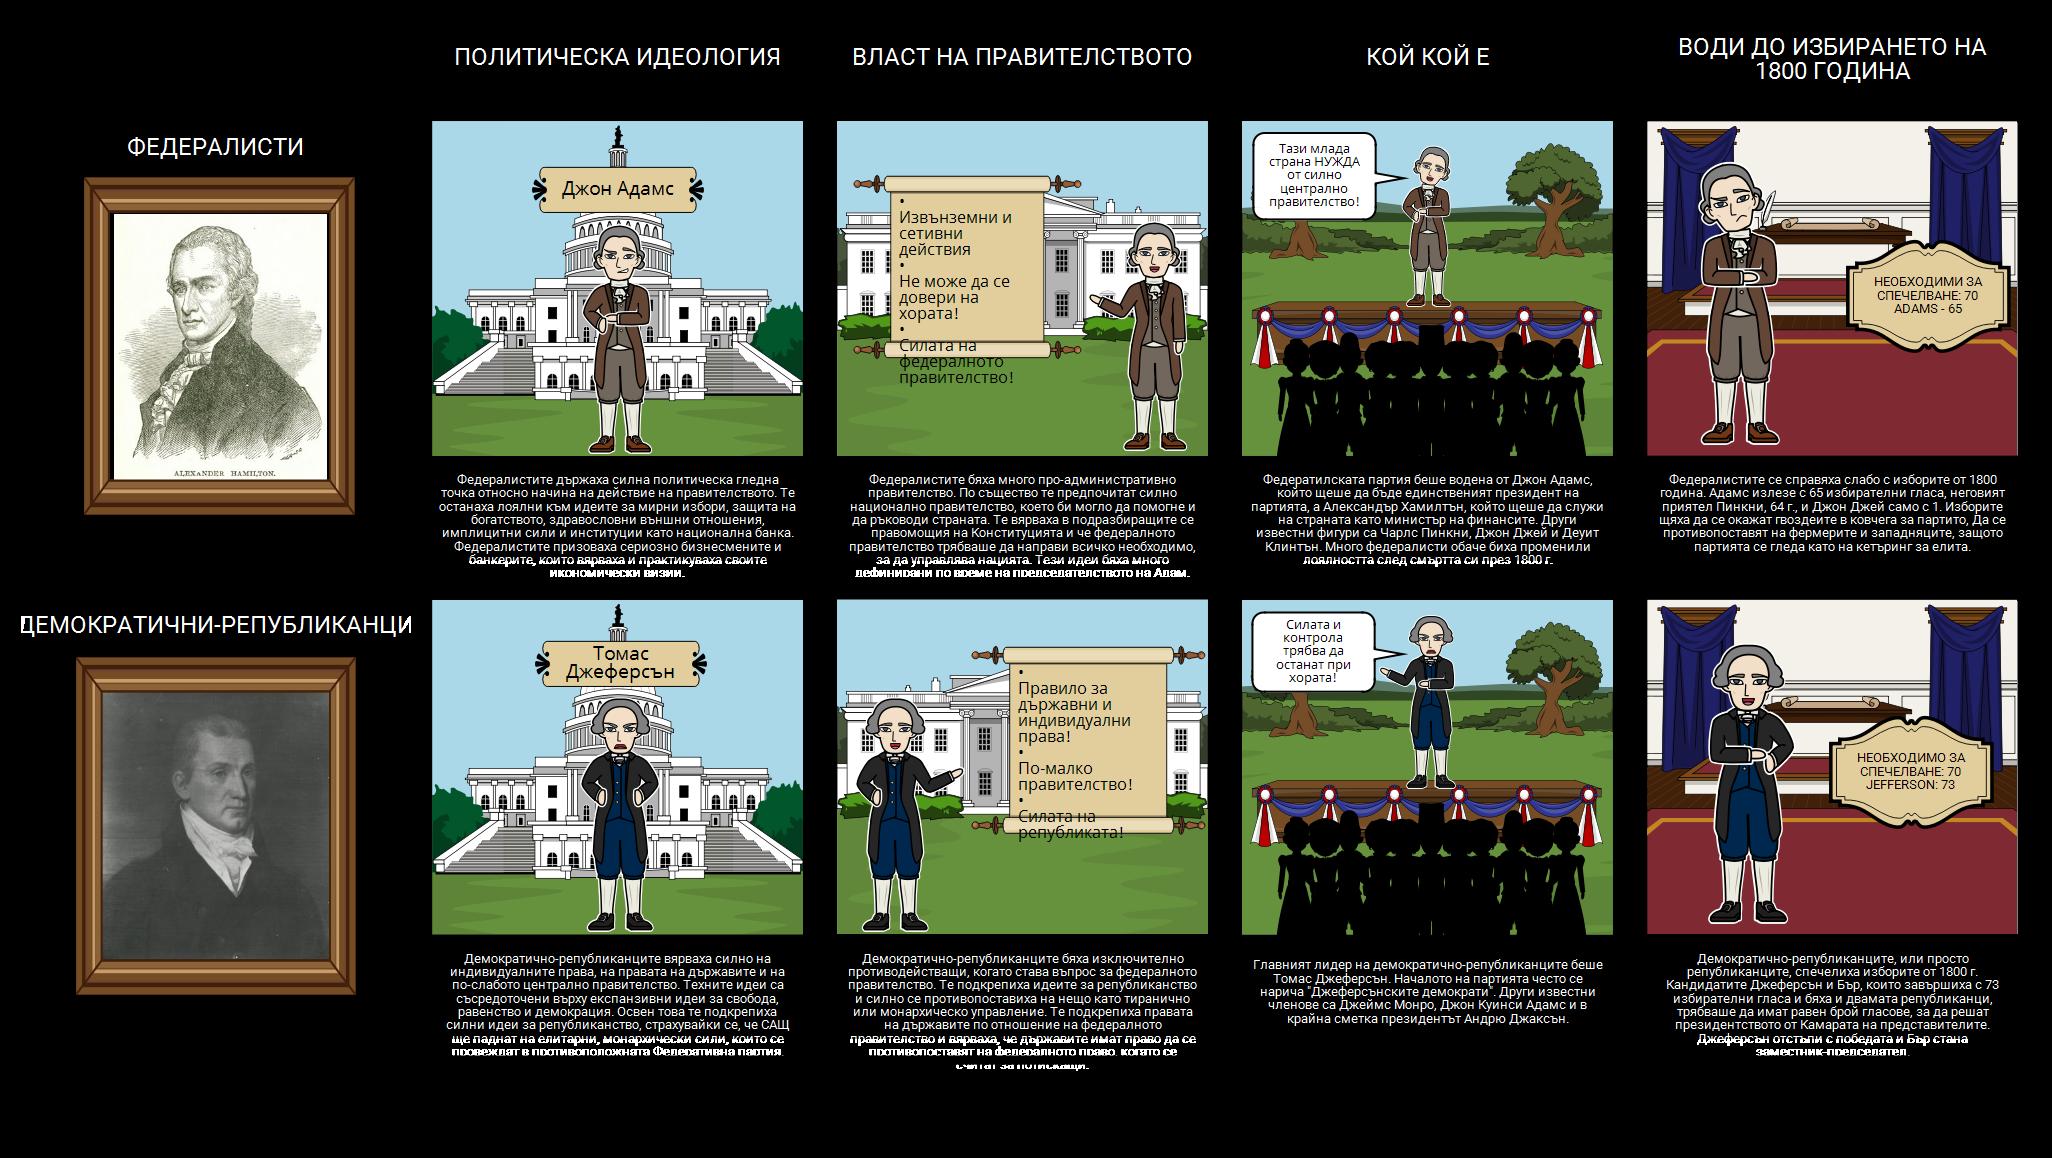 Изборите от 1800 г. - федералисти срещу демократични републиканци